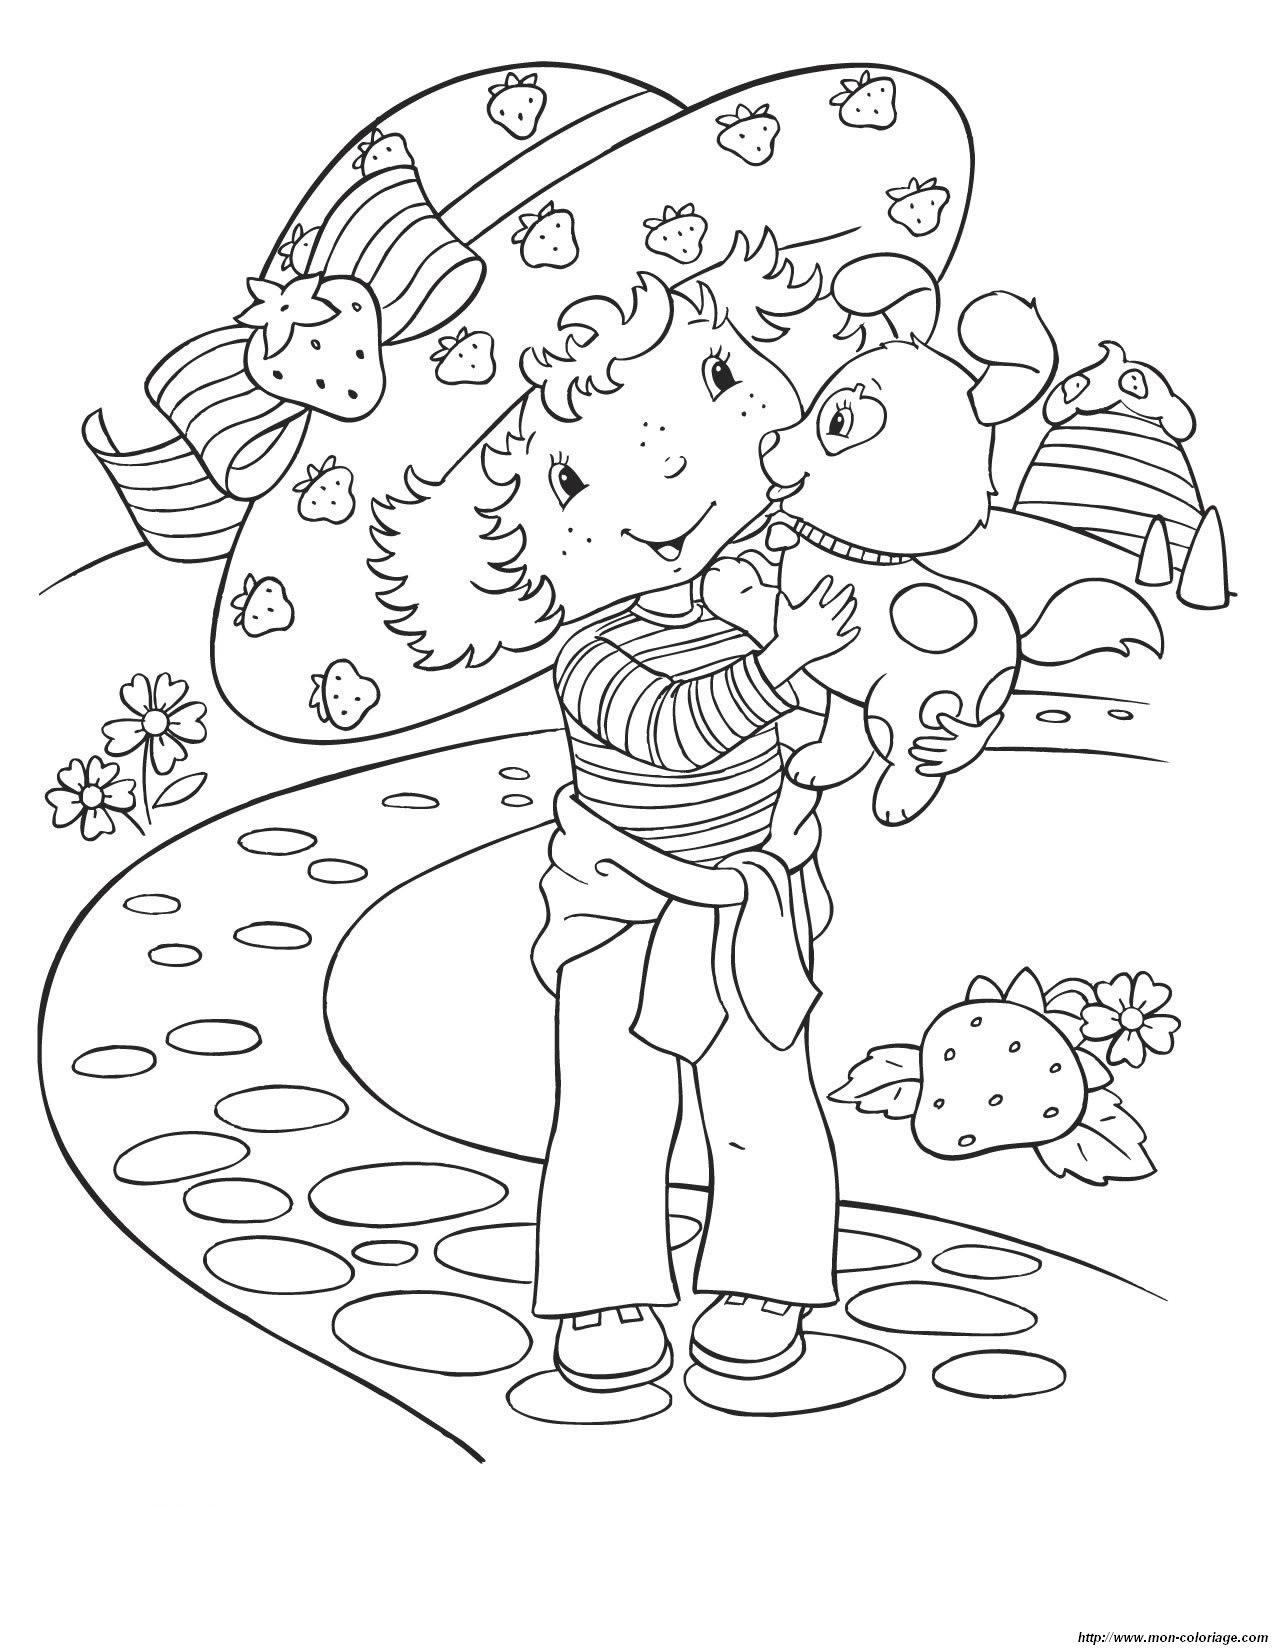 Emily Erdbeer Ausmalbilder Genial 45 Schön Erdbeer Ausmalbilder Mickeycarrollmunchkin Sammlung